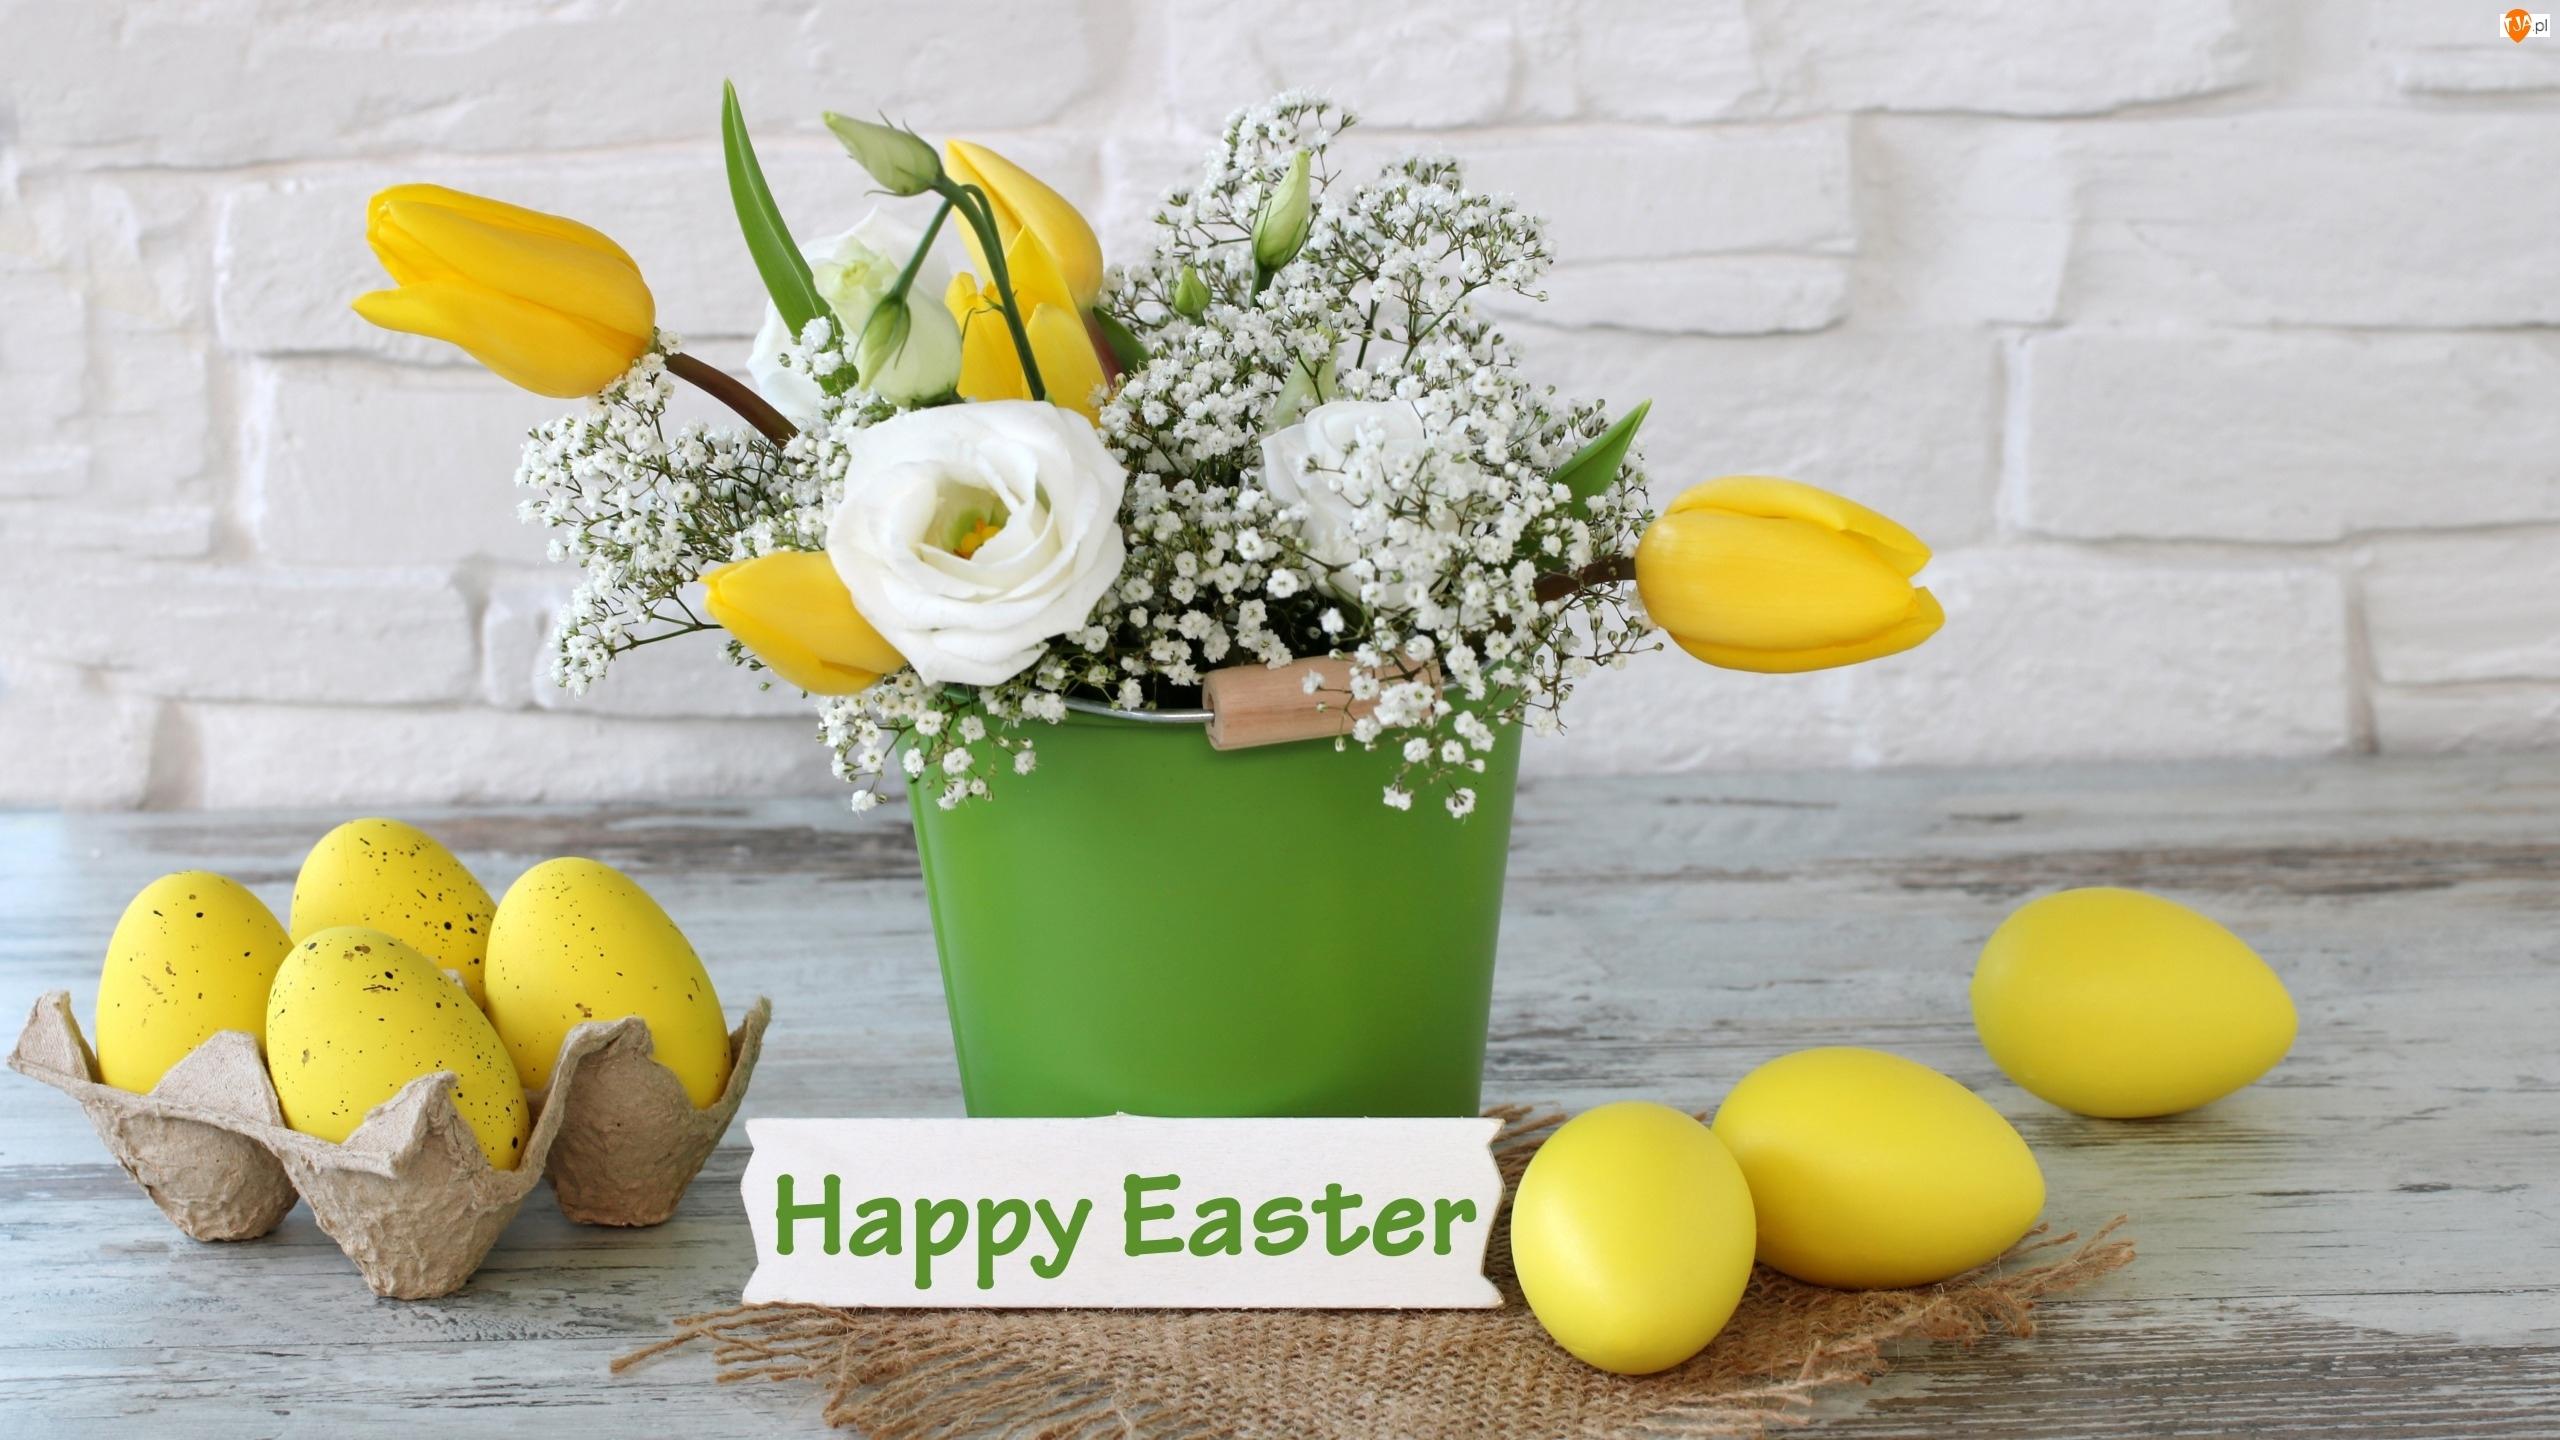 Pisanki, Wielkanoc, Bukiet, Kompozycja, Tulipany